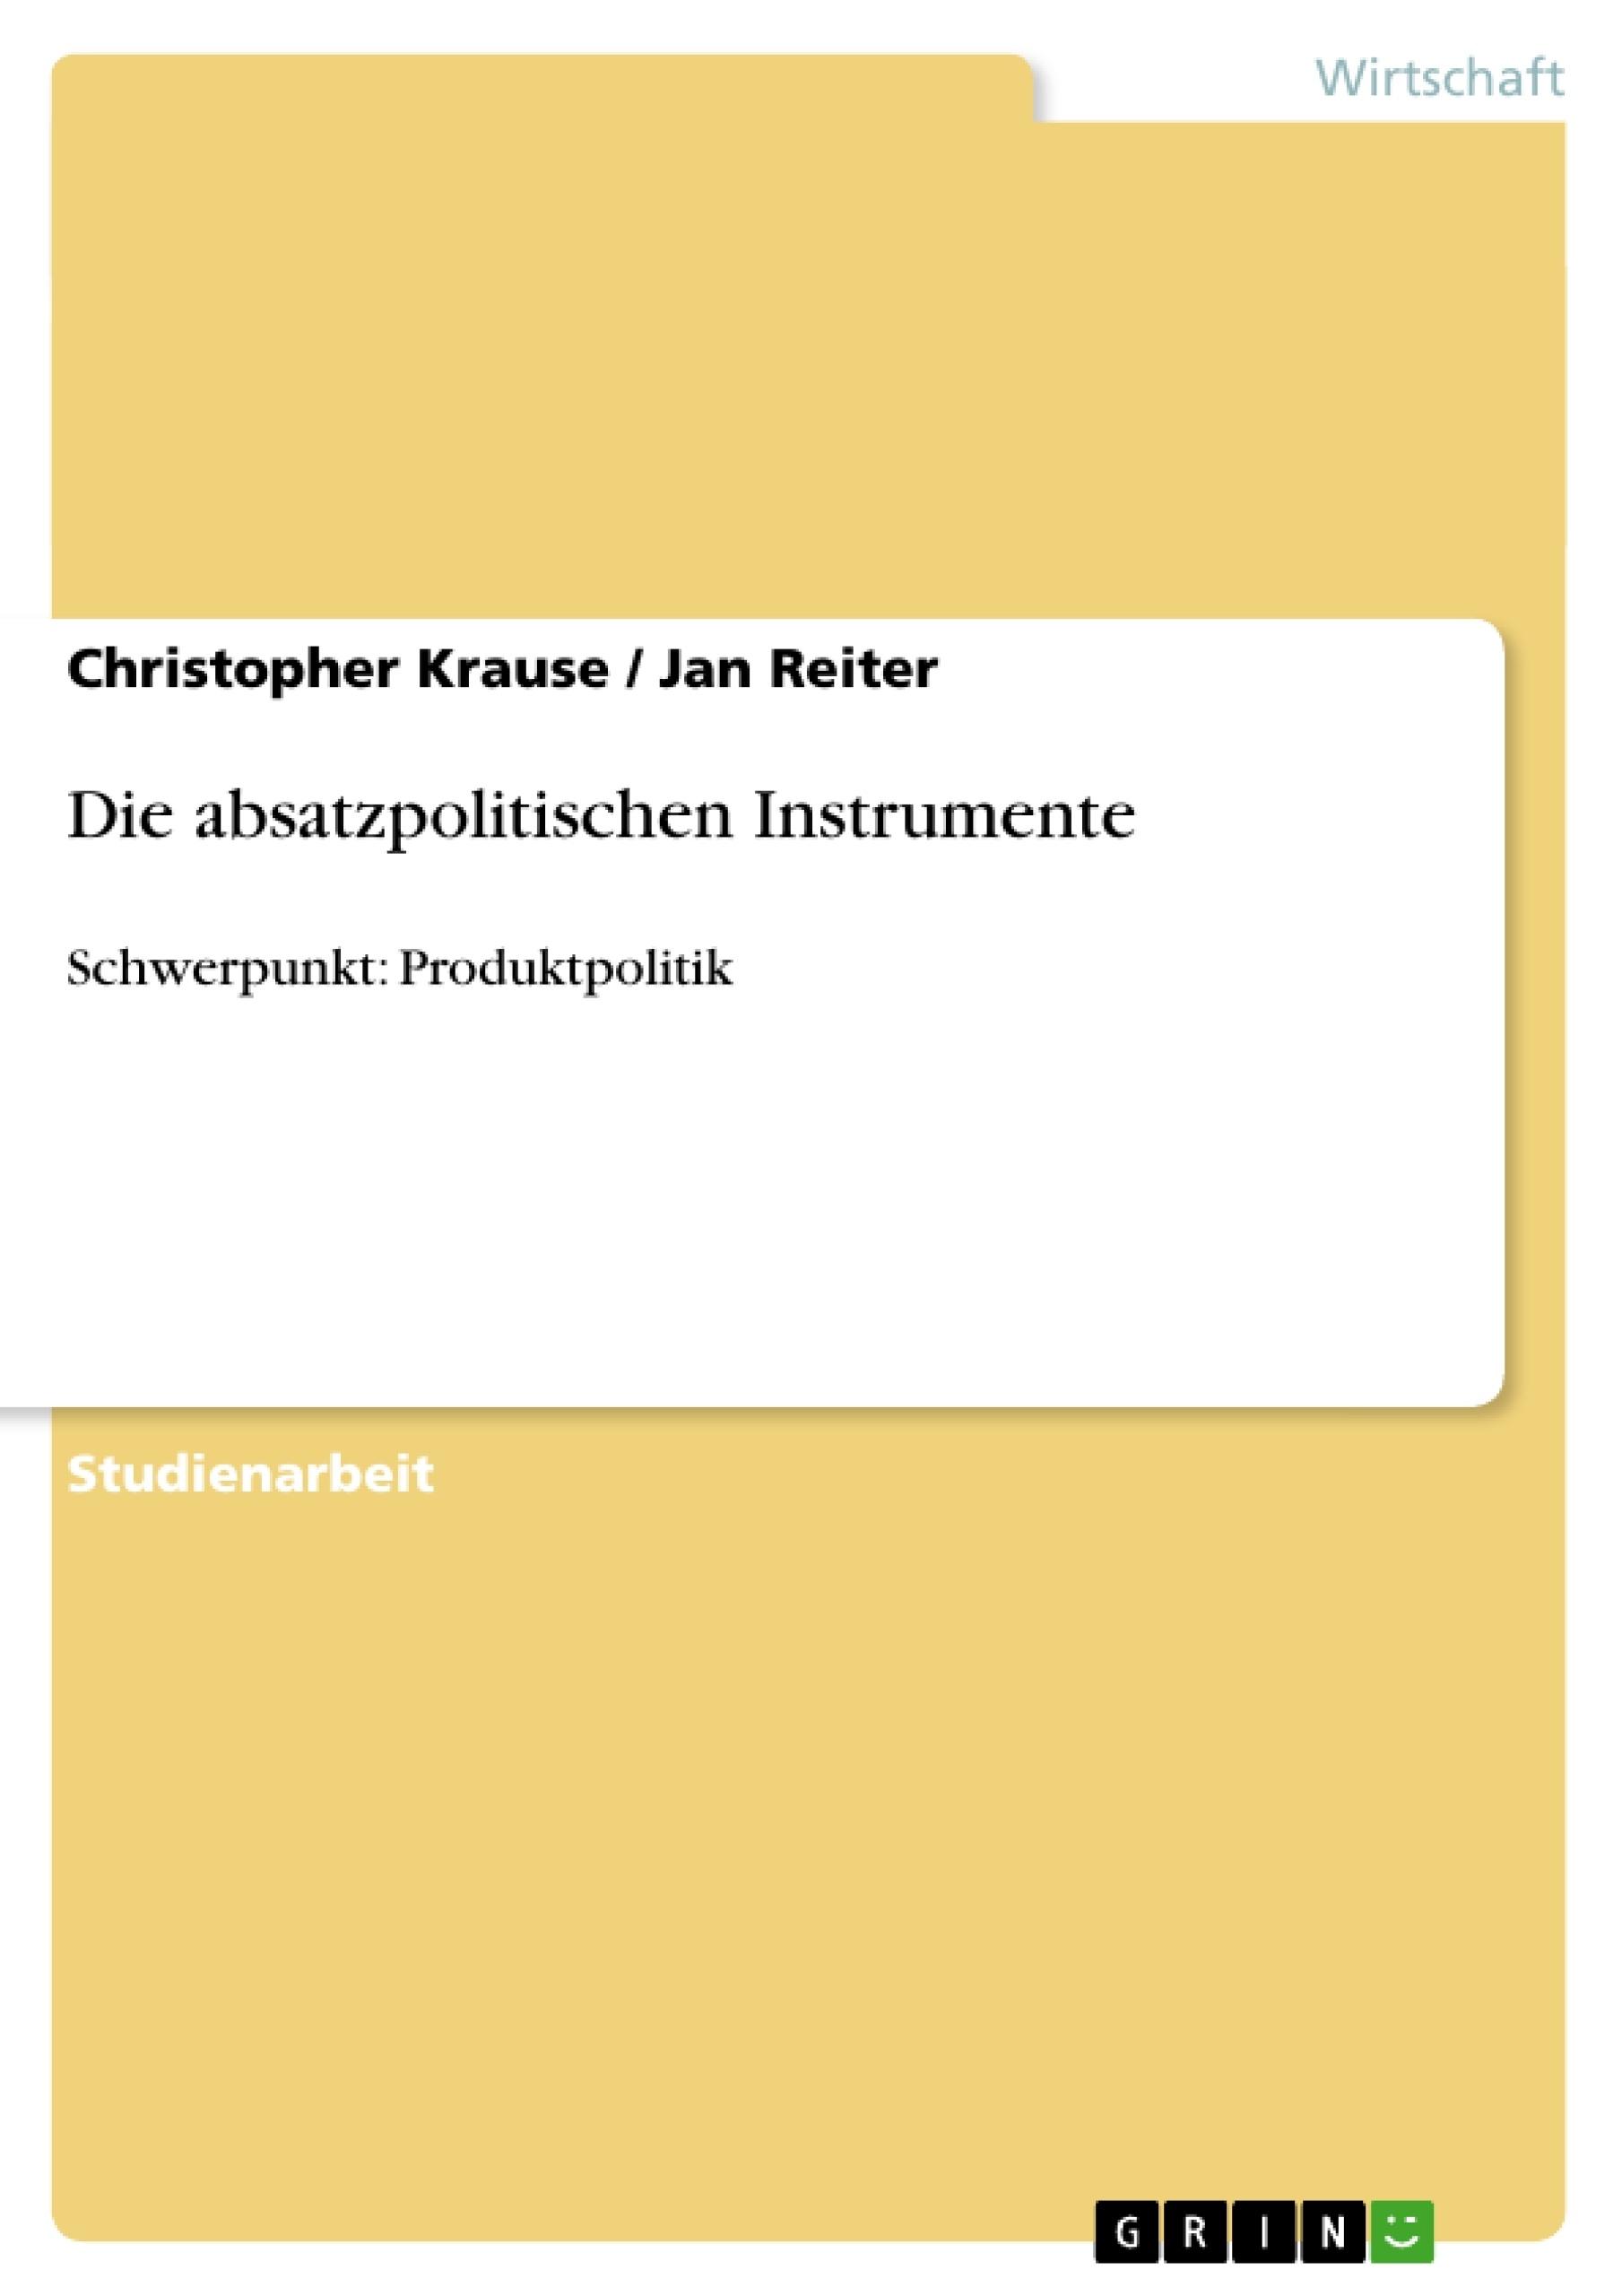 Titel: Die absatzpolitischen Instrumente